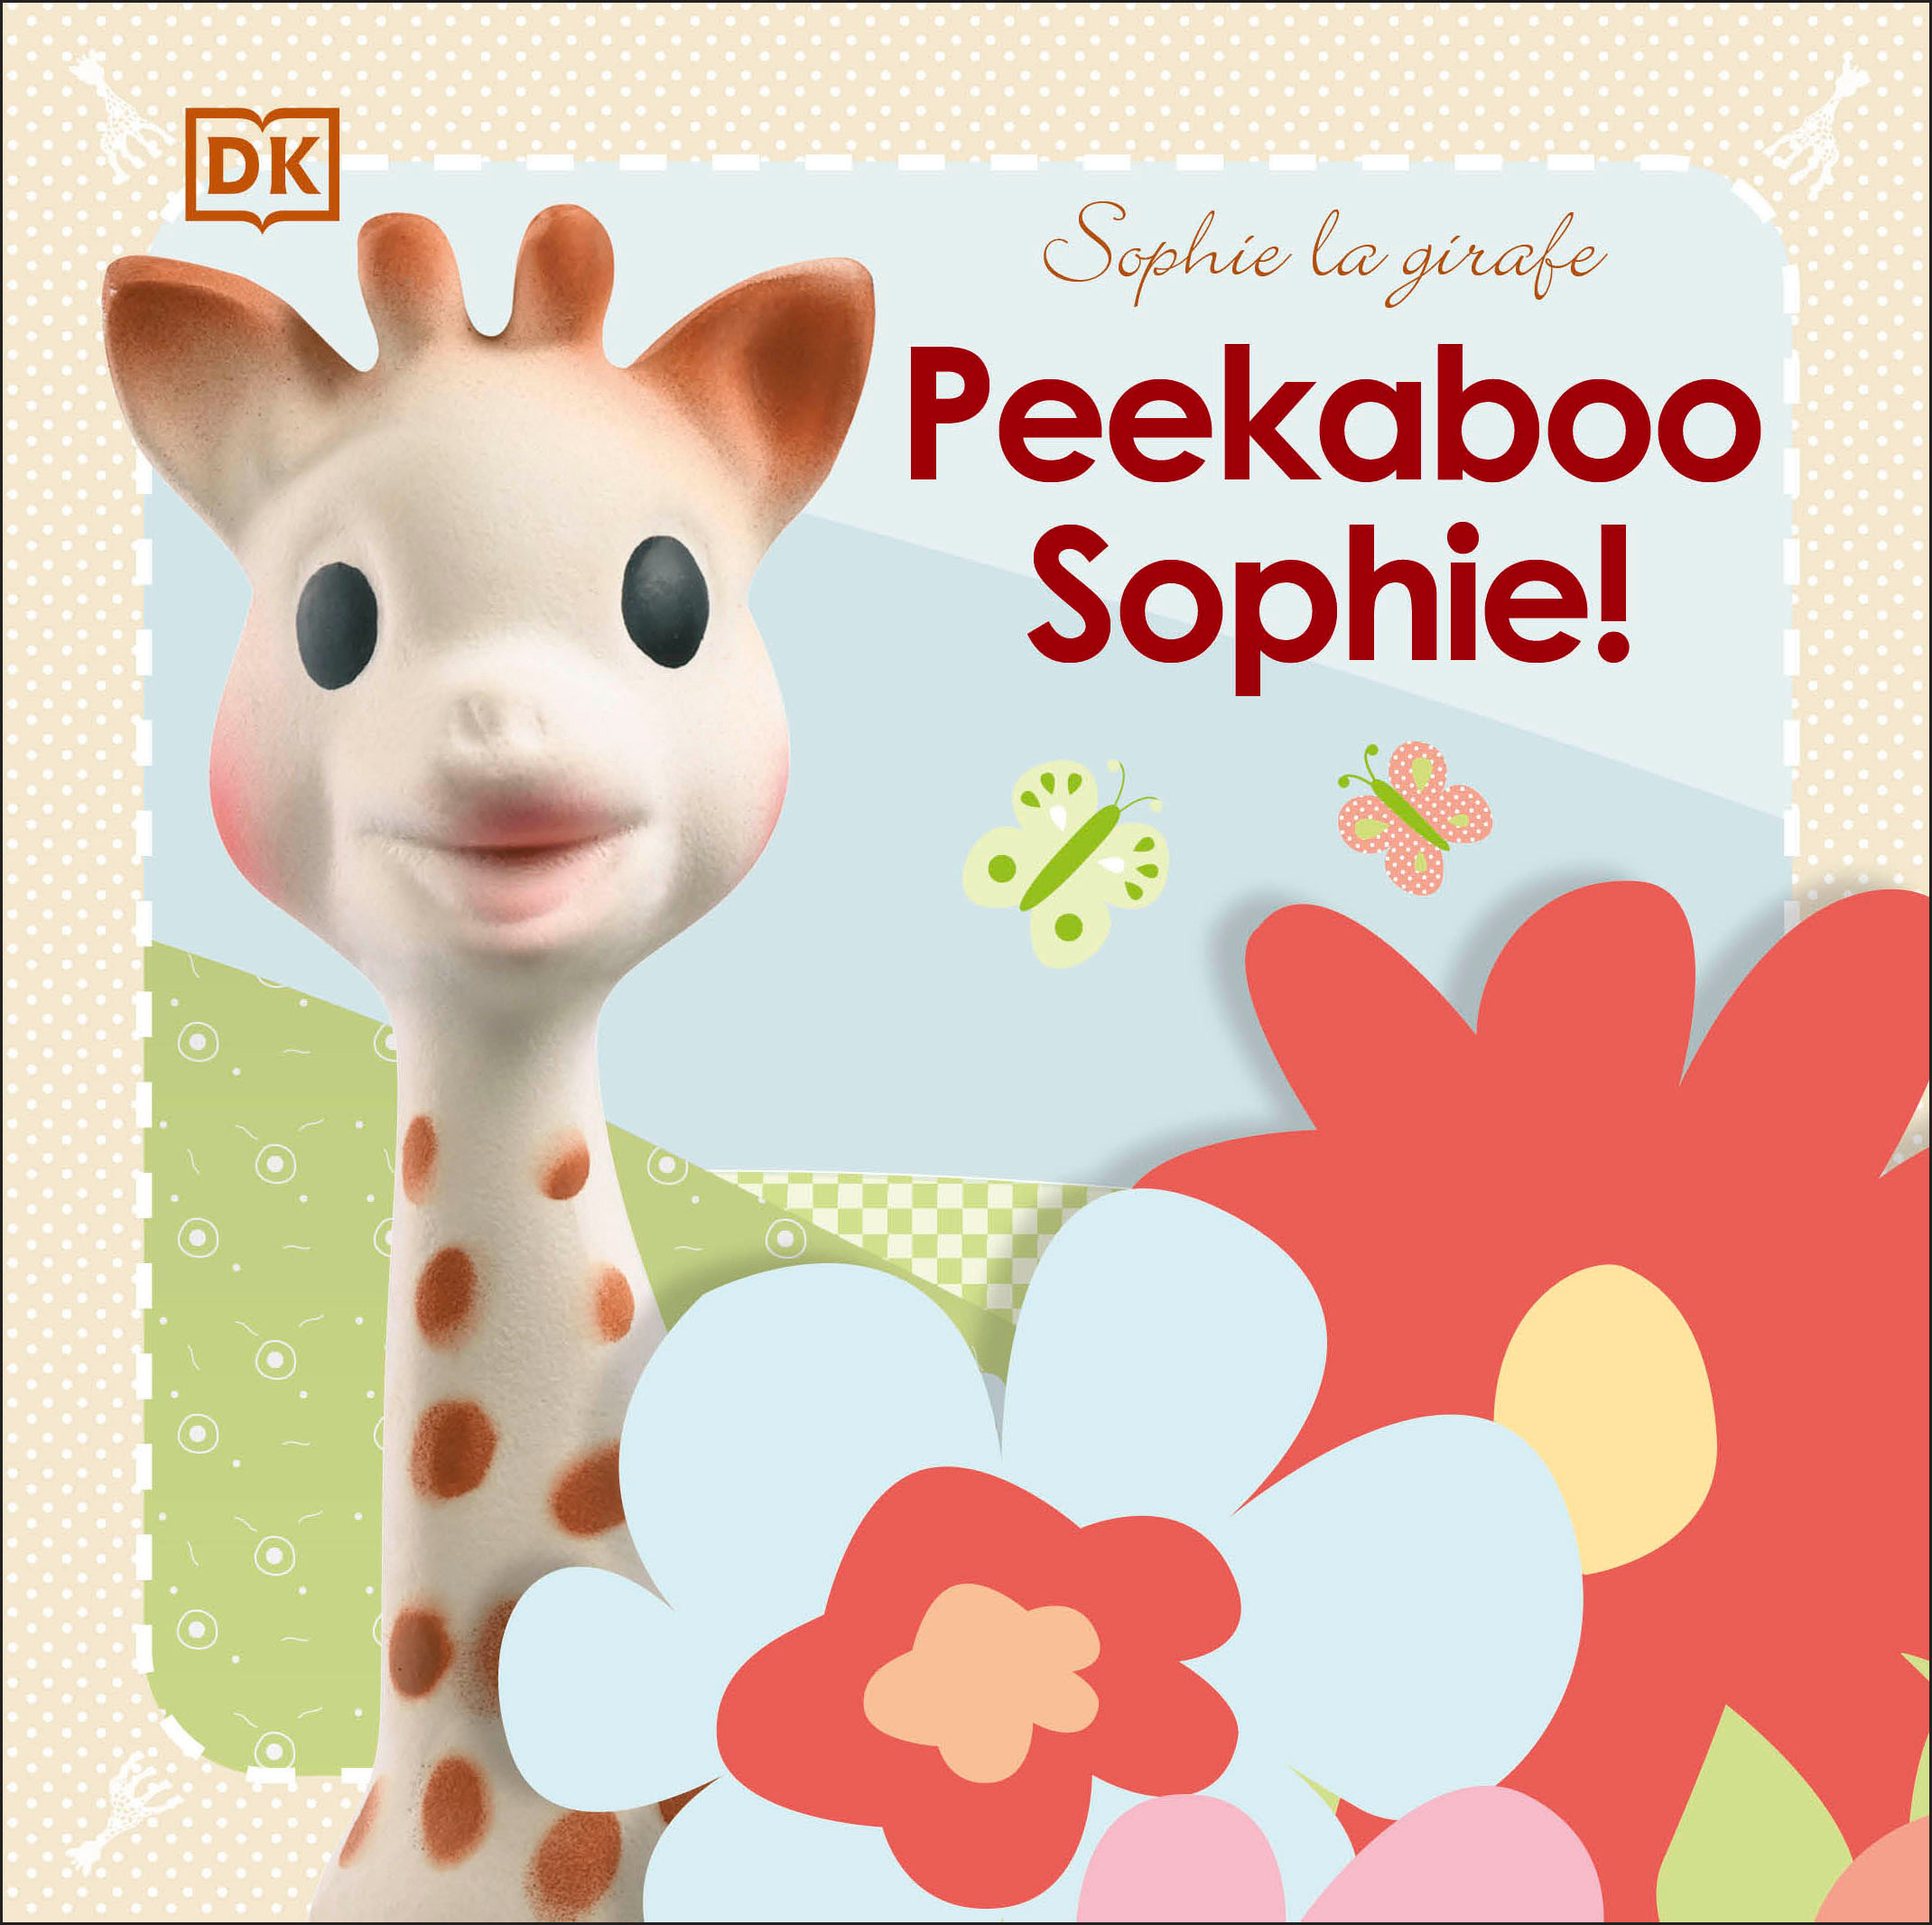 Book Sophie La Girafe: Peekaboo Sophie! by Dorling Dk